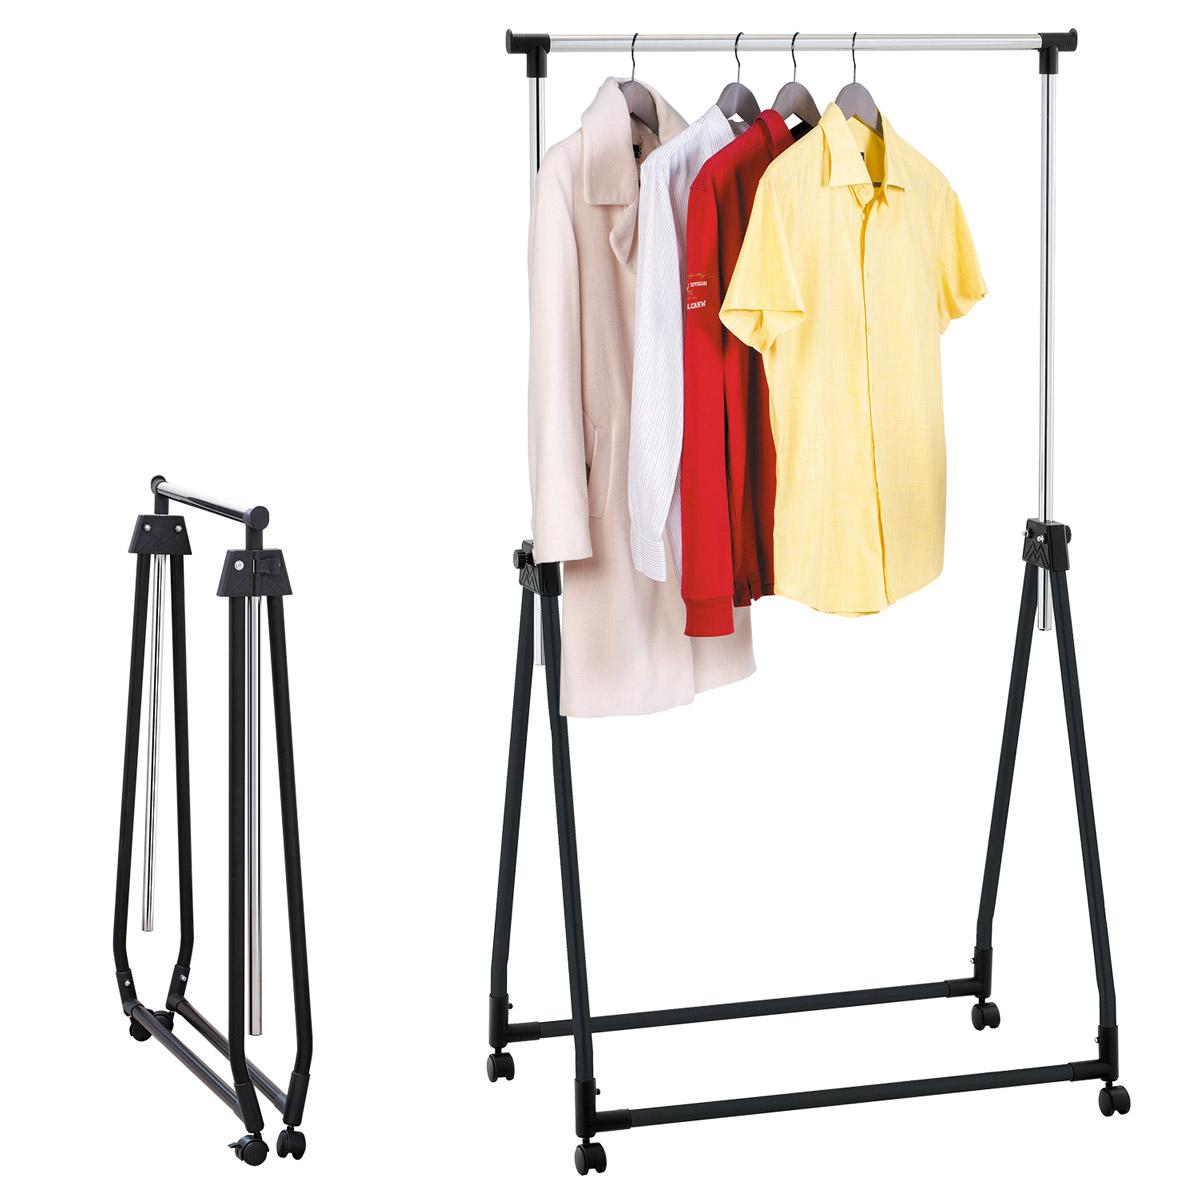 Стойка для одежды Tatkraft Halland, складная, высота 99 см - 167 см стойка для одежды и обуви tatkraft saturn 3 уровня на колесах с регулируемой шириной и высотой 84 121 5 x 42 5 x 113 198 см